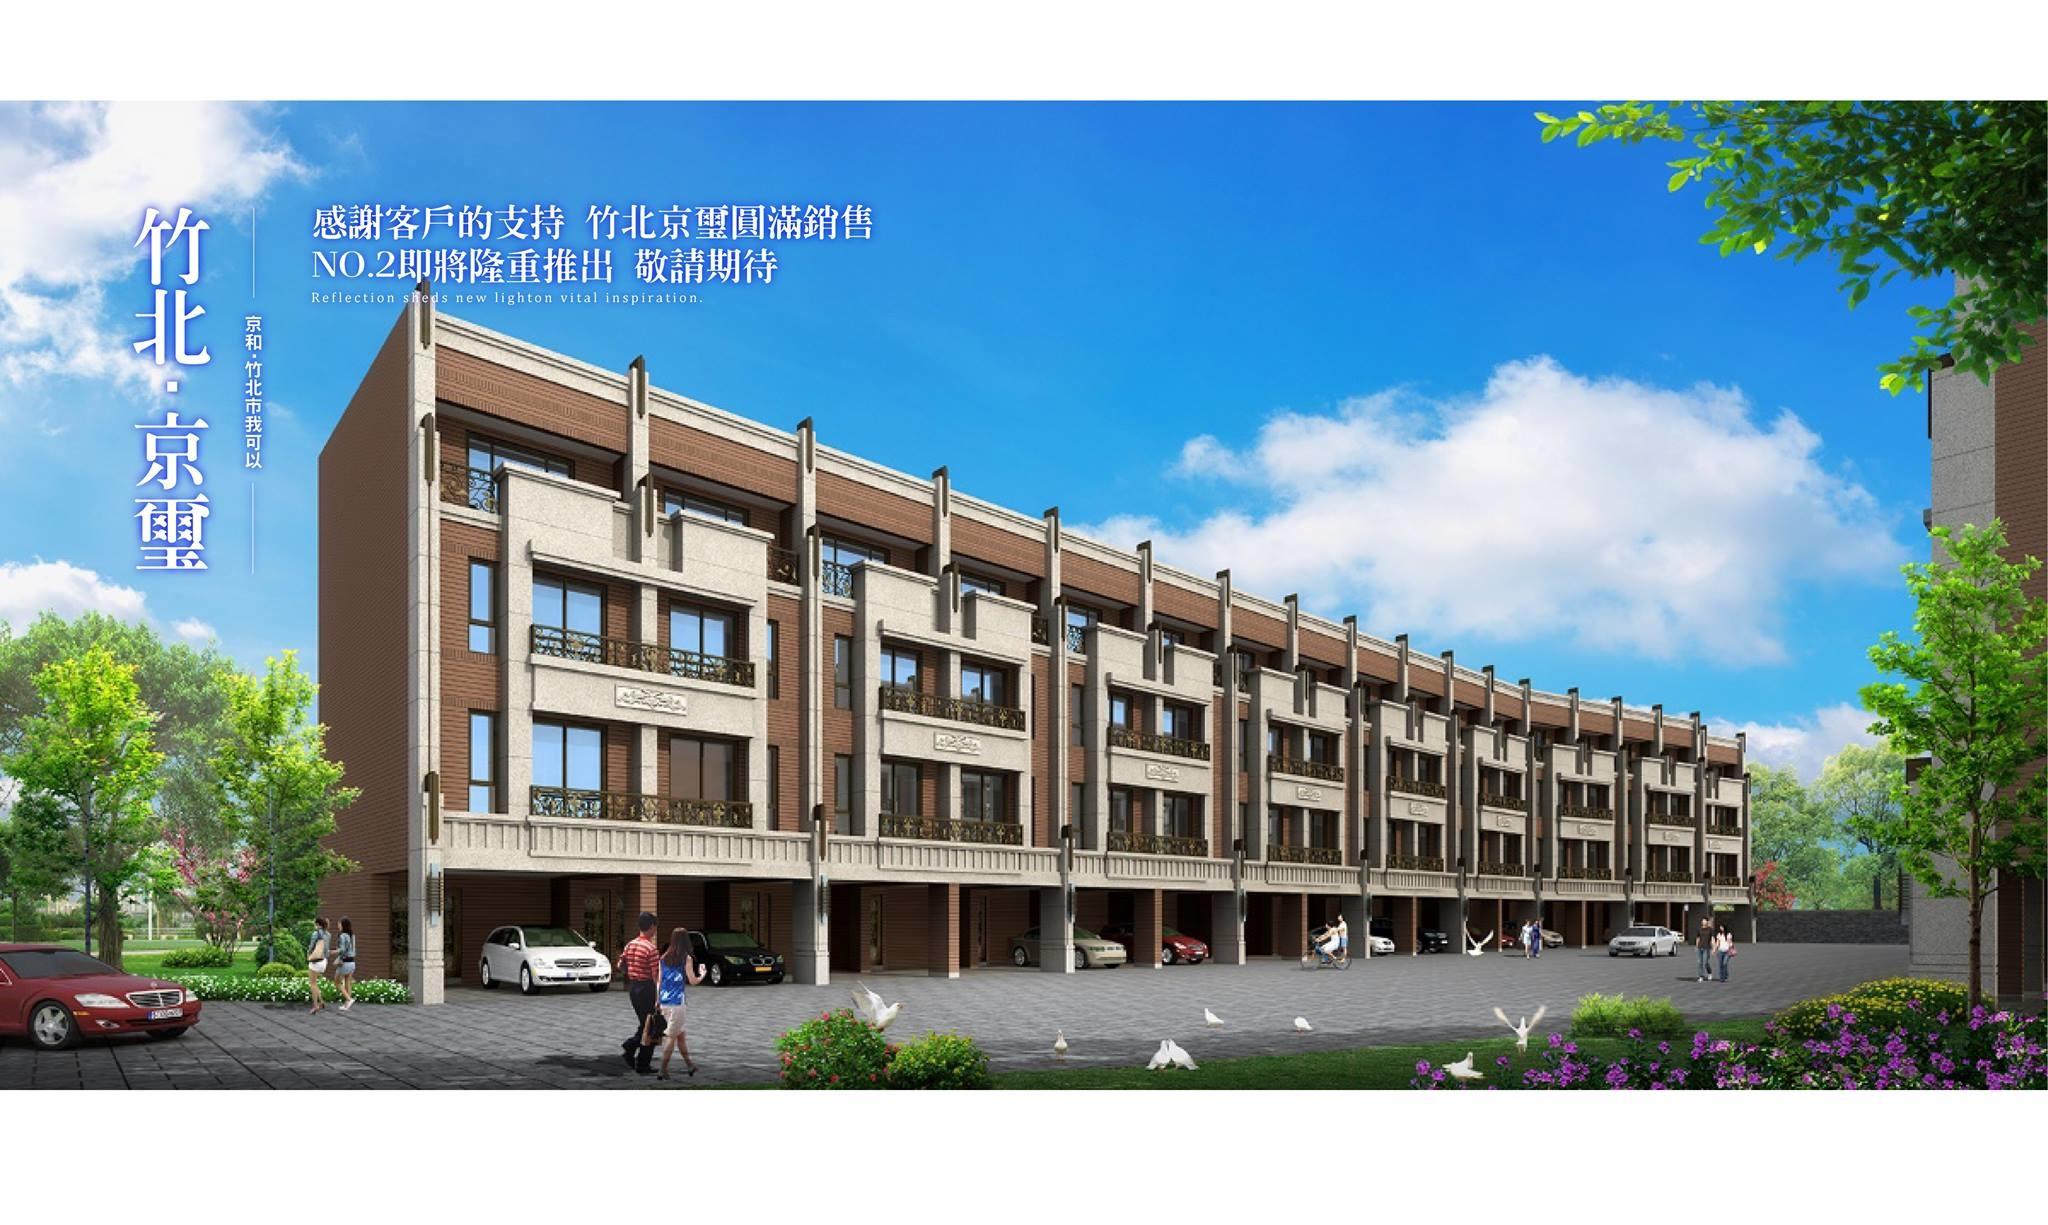 [竹北西區]京和建設-竹北京璽(透天)20190213-1.jpg